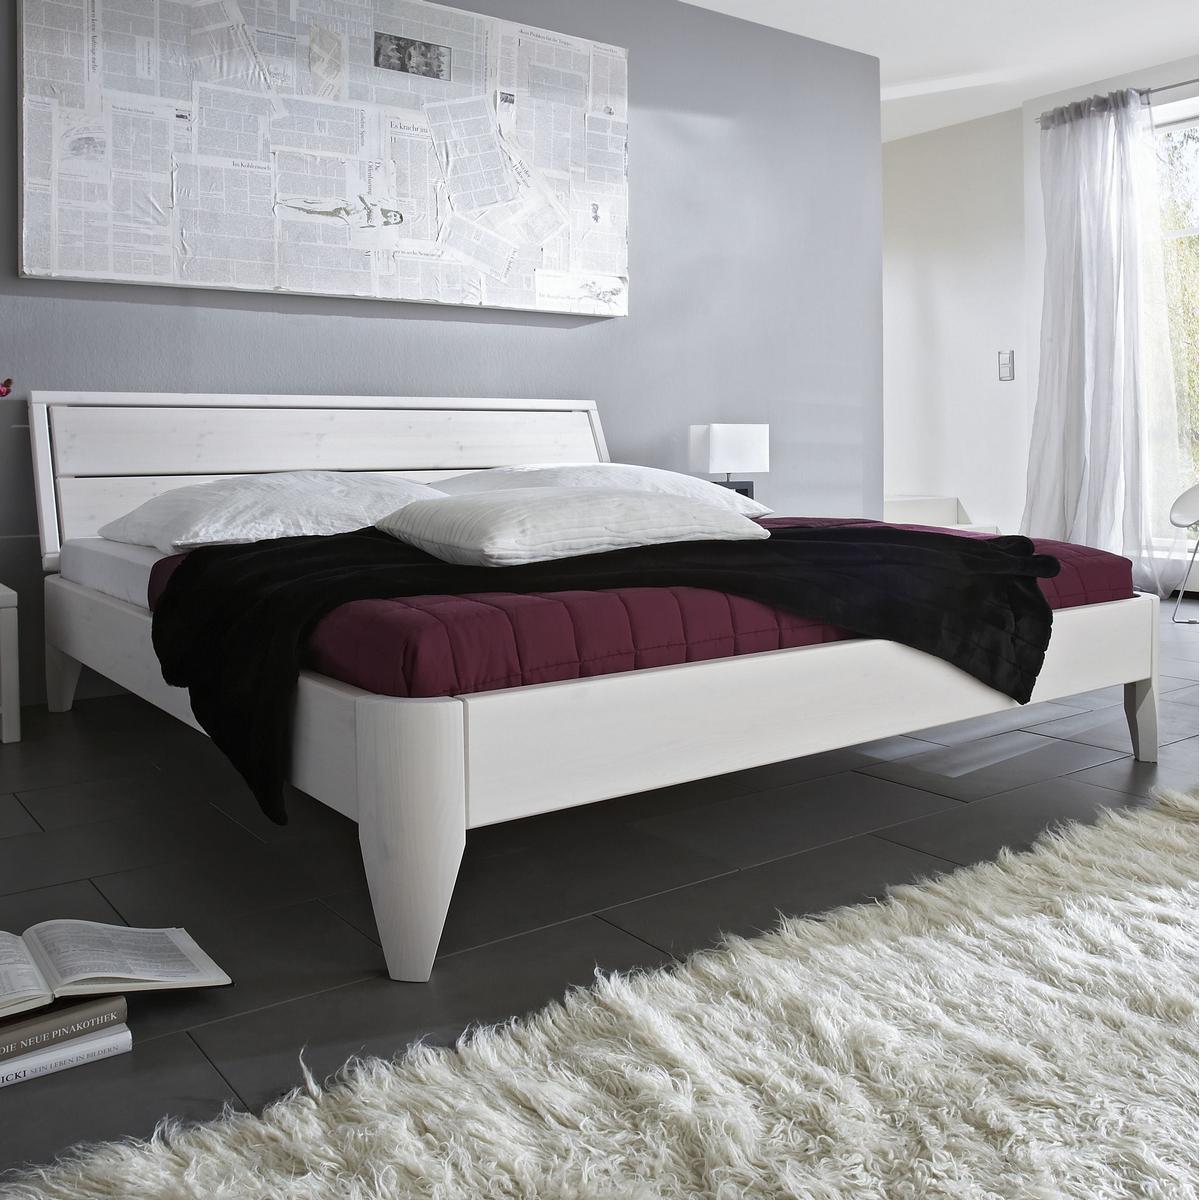 De Schlafzimmer Betten Breite Cm Massivholz Einzelbett X Holzbett Bett Kiefer Massiv Weiss Lackiert L